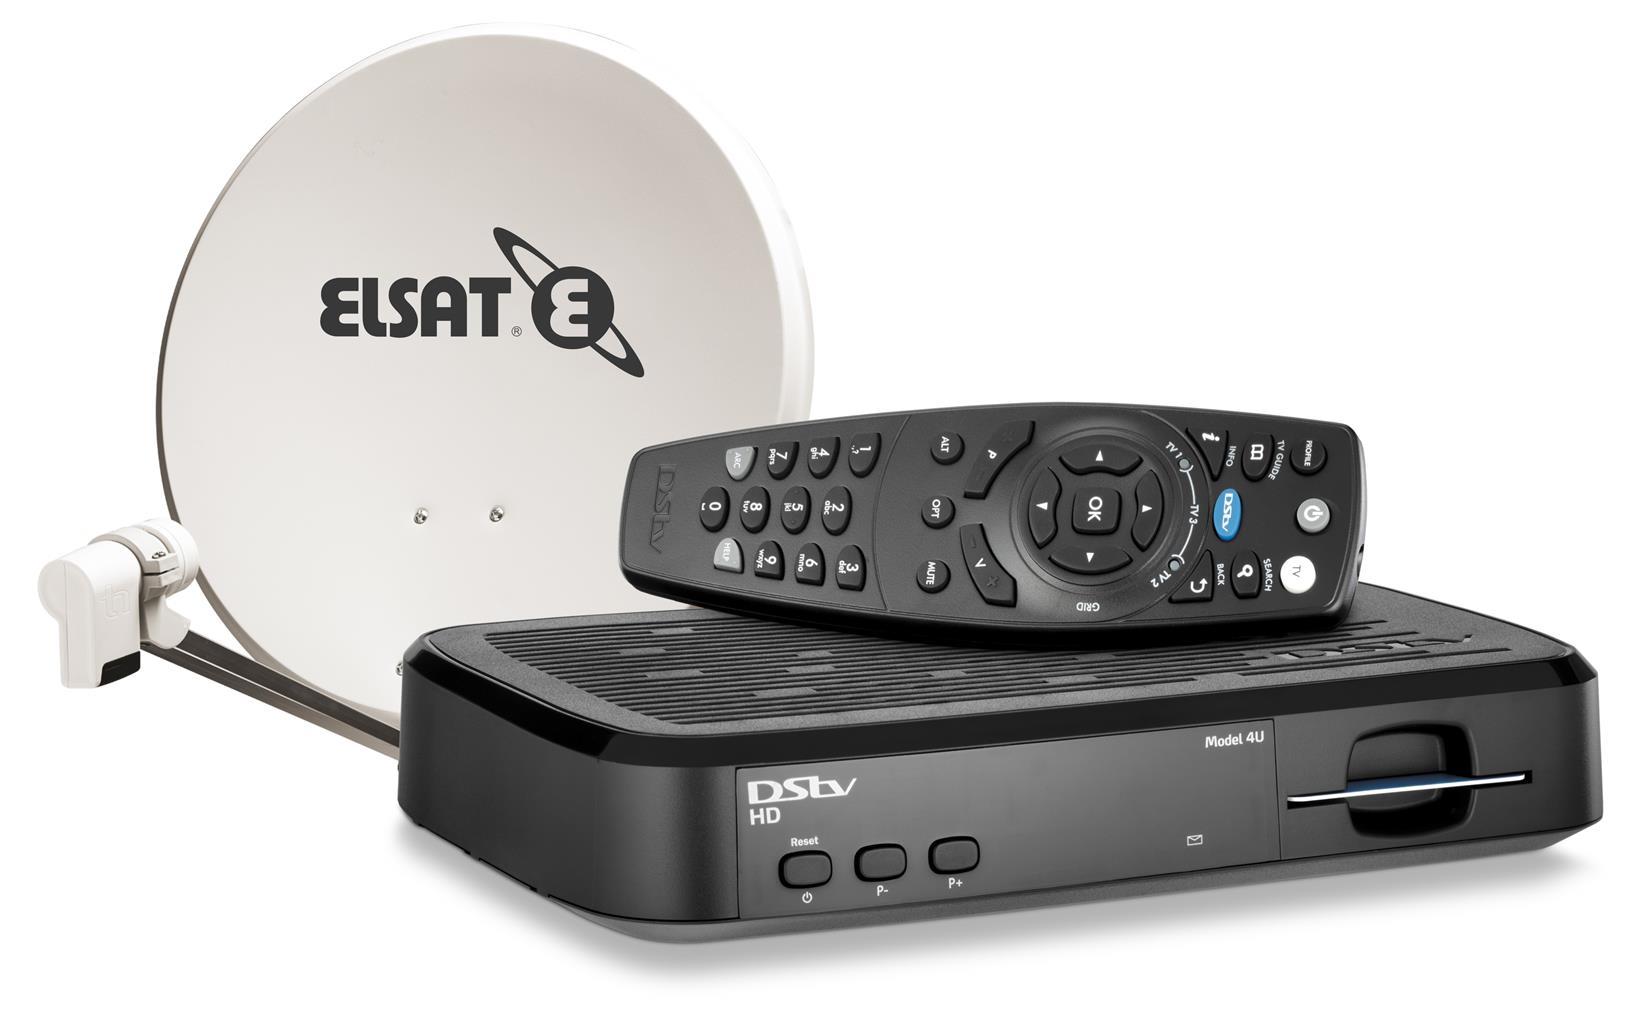 DSTV 073 204 3035